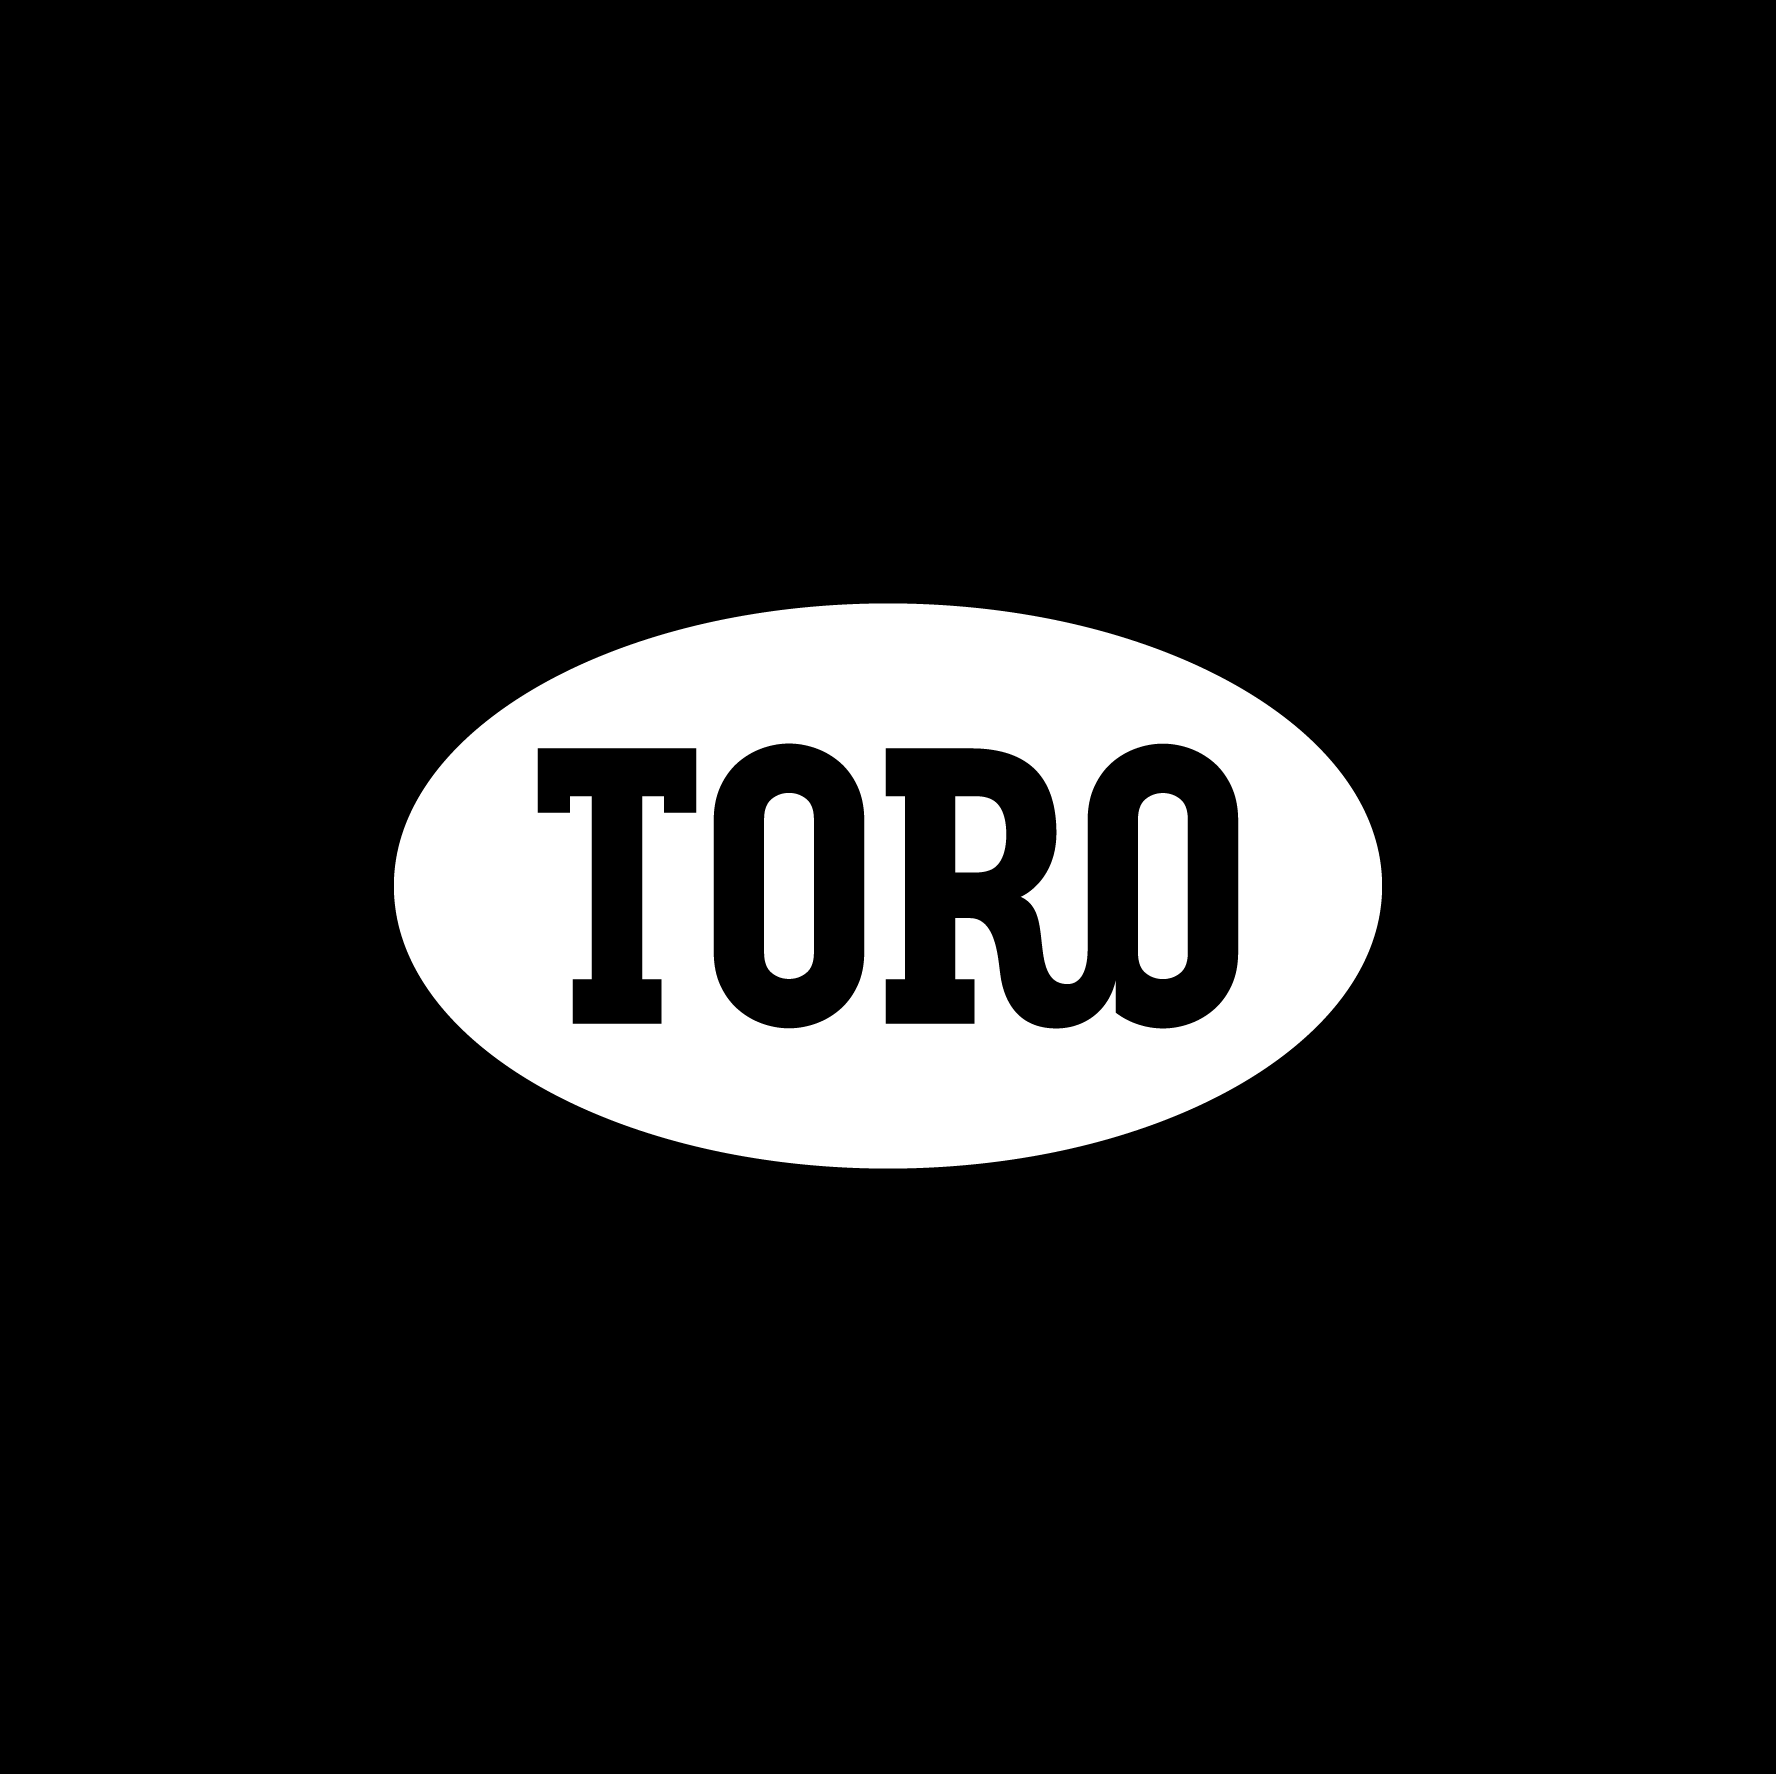 logo for Toro